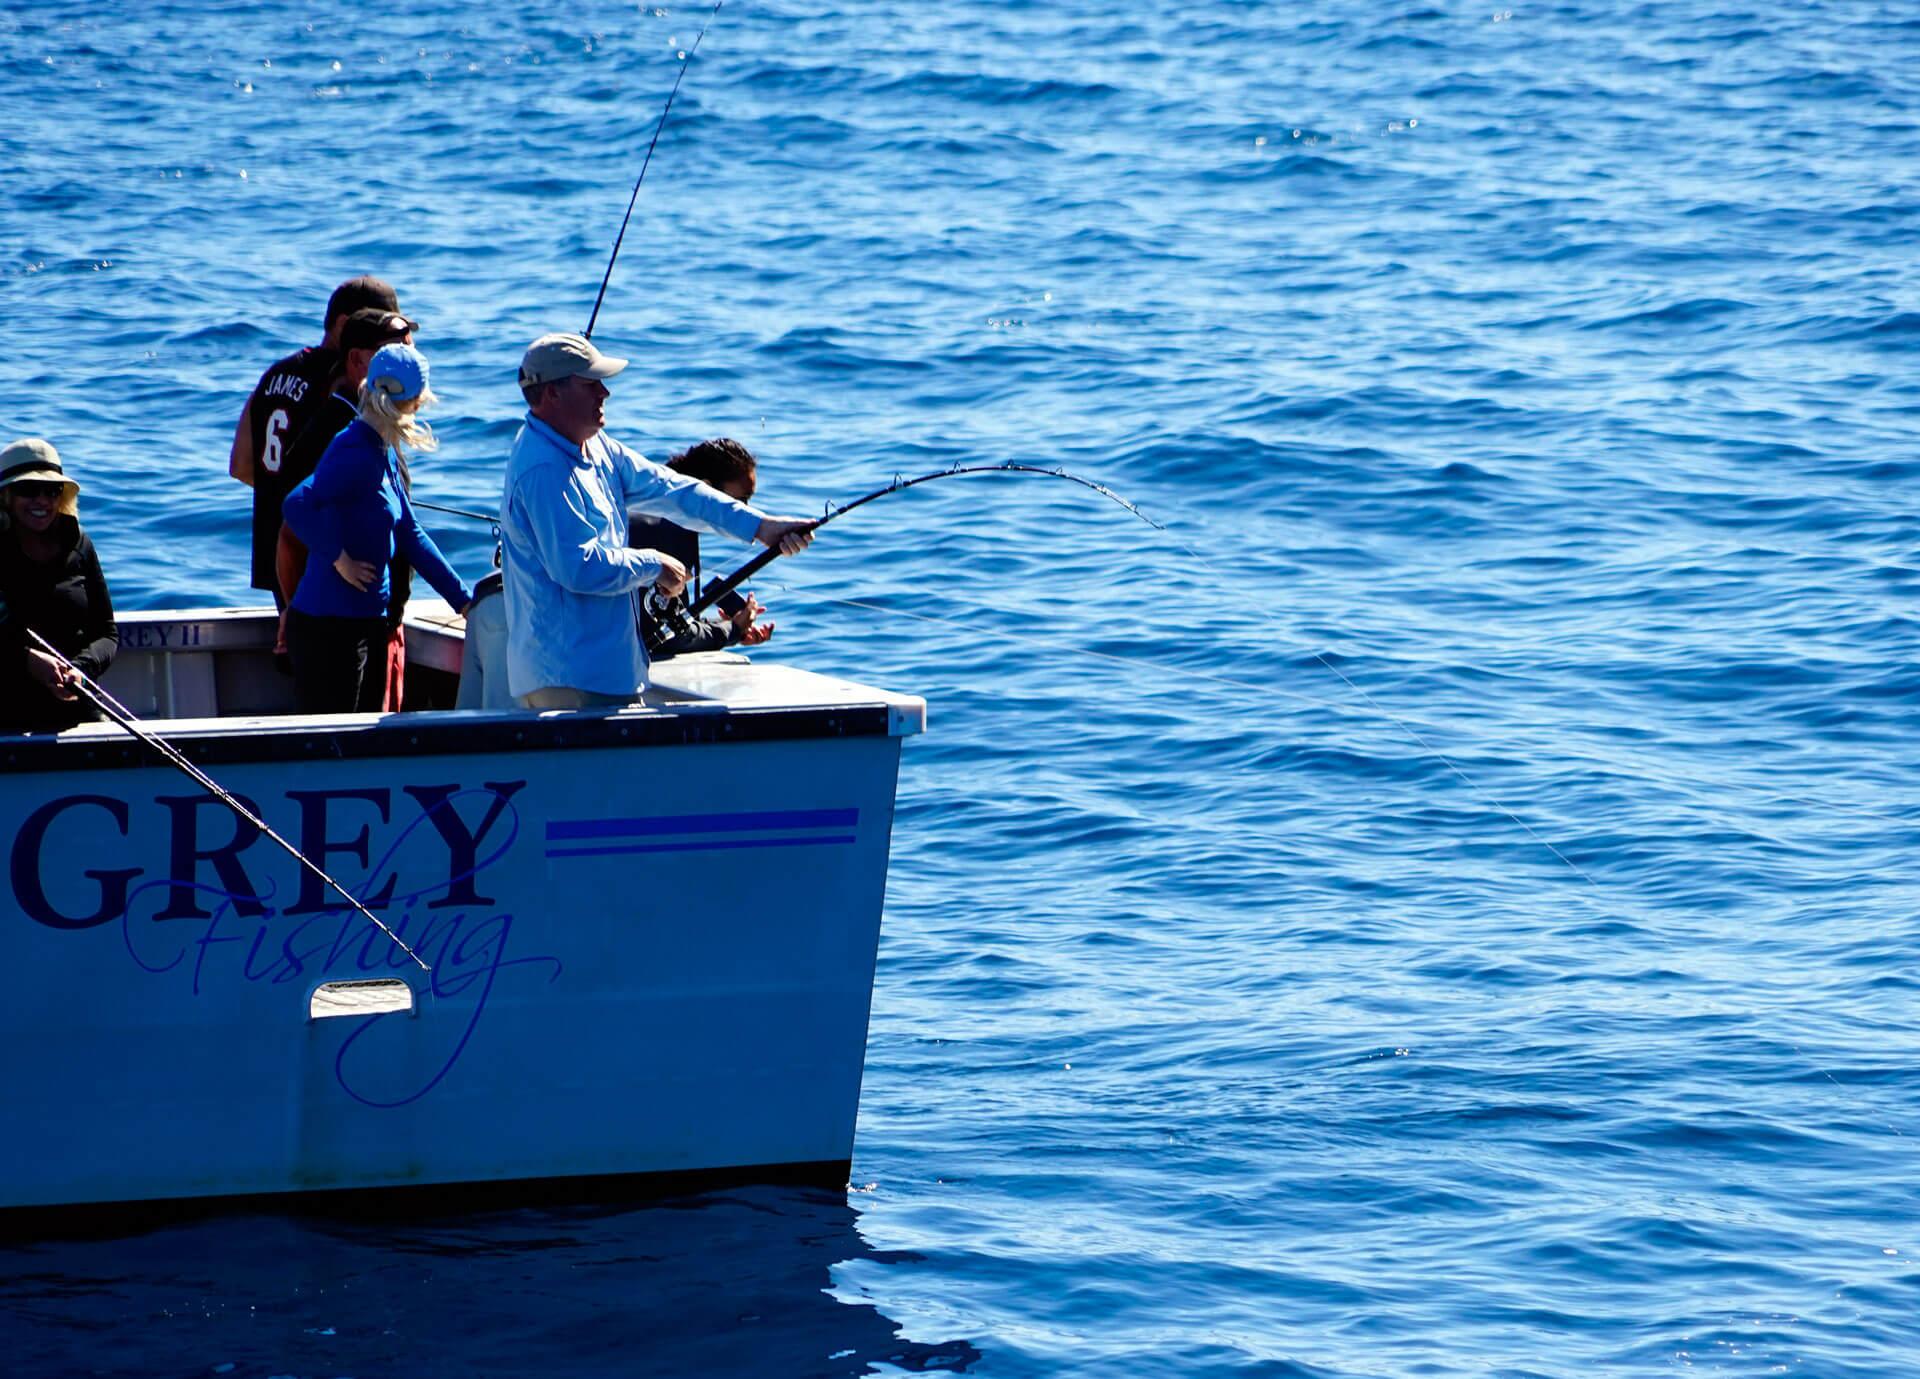 Pesca en embarcación fondeada